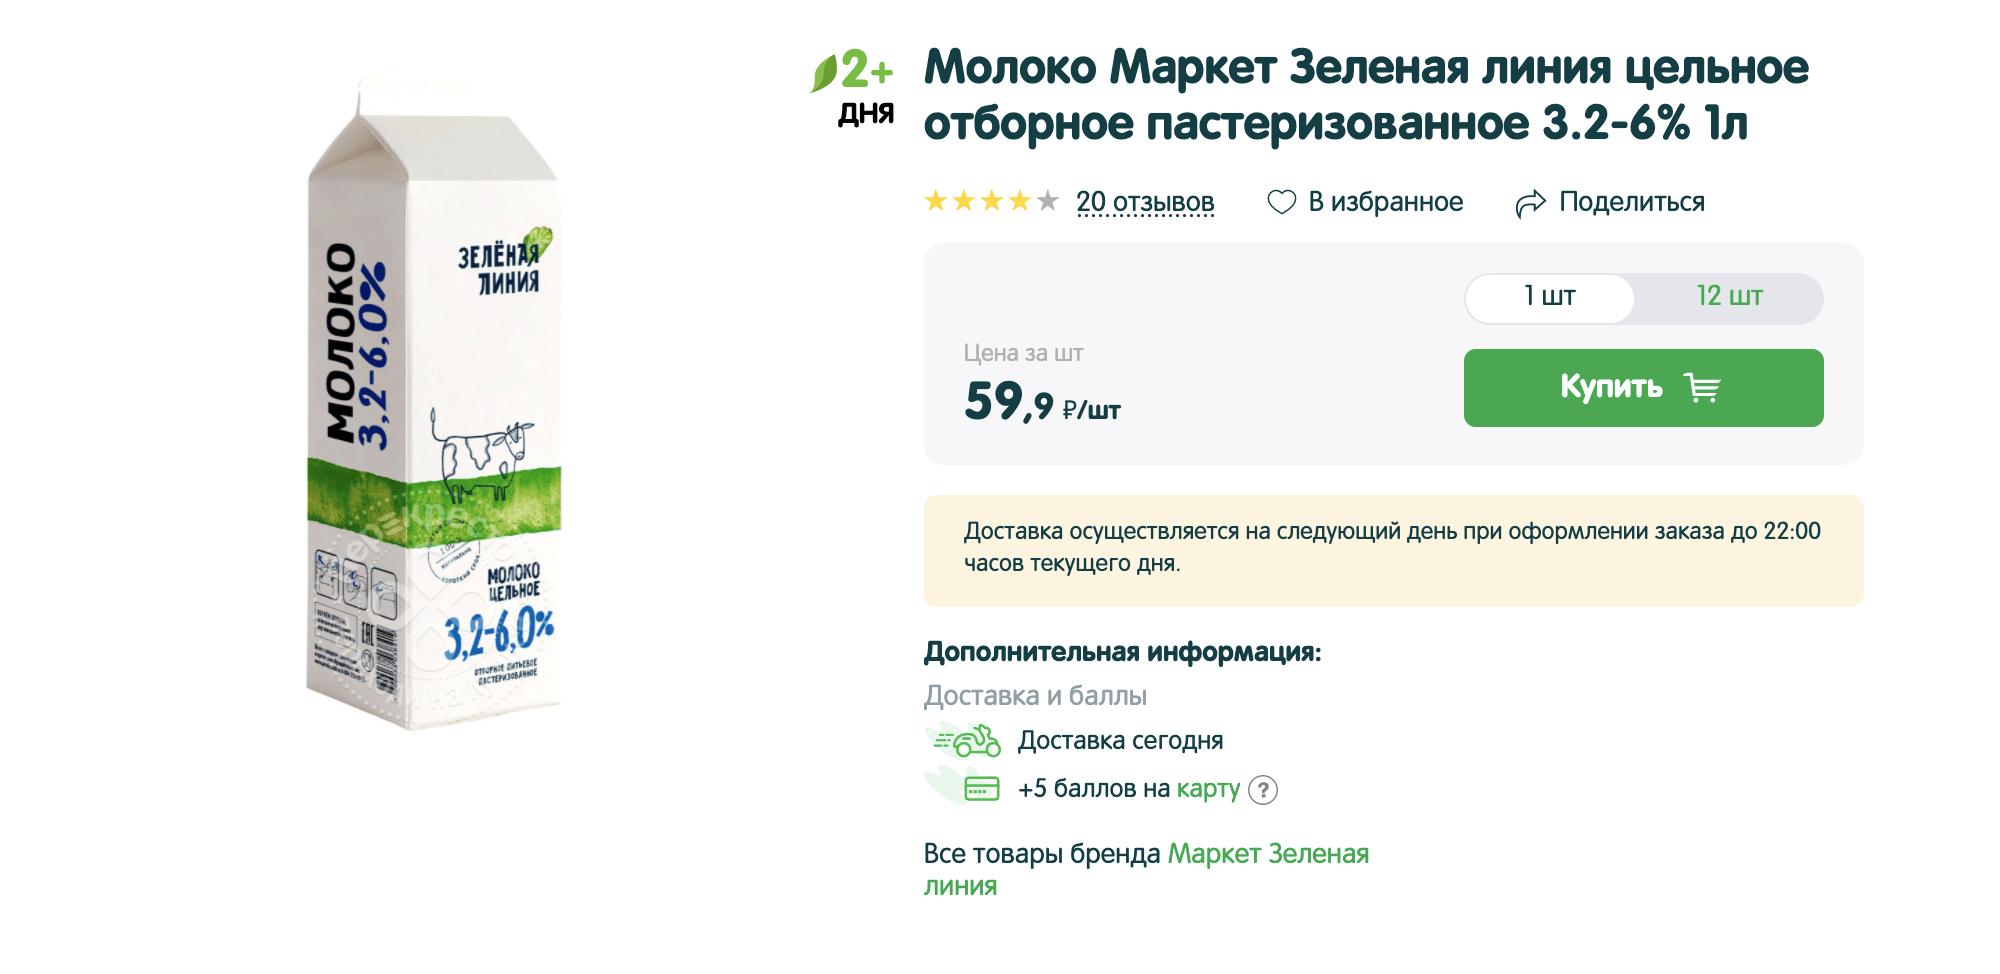 Если вы любите более насыщенный вкус молока, то покупайте отборное